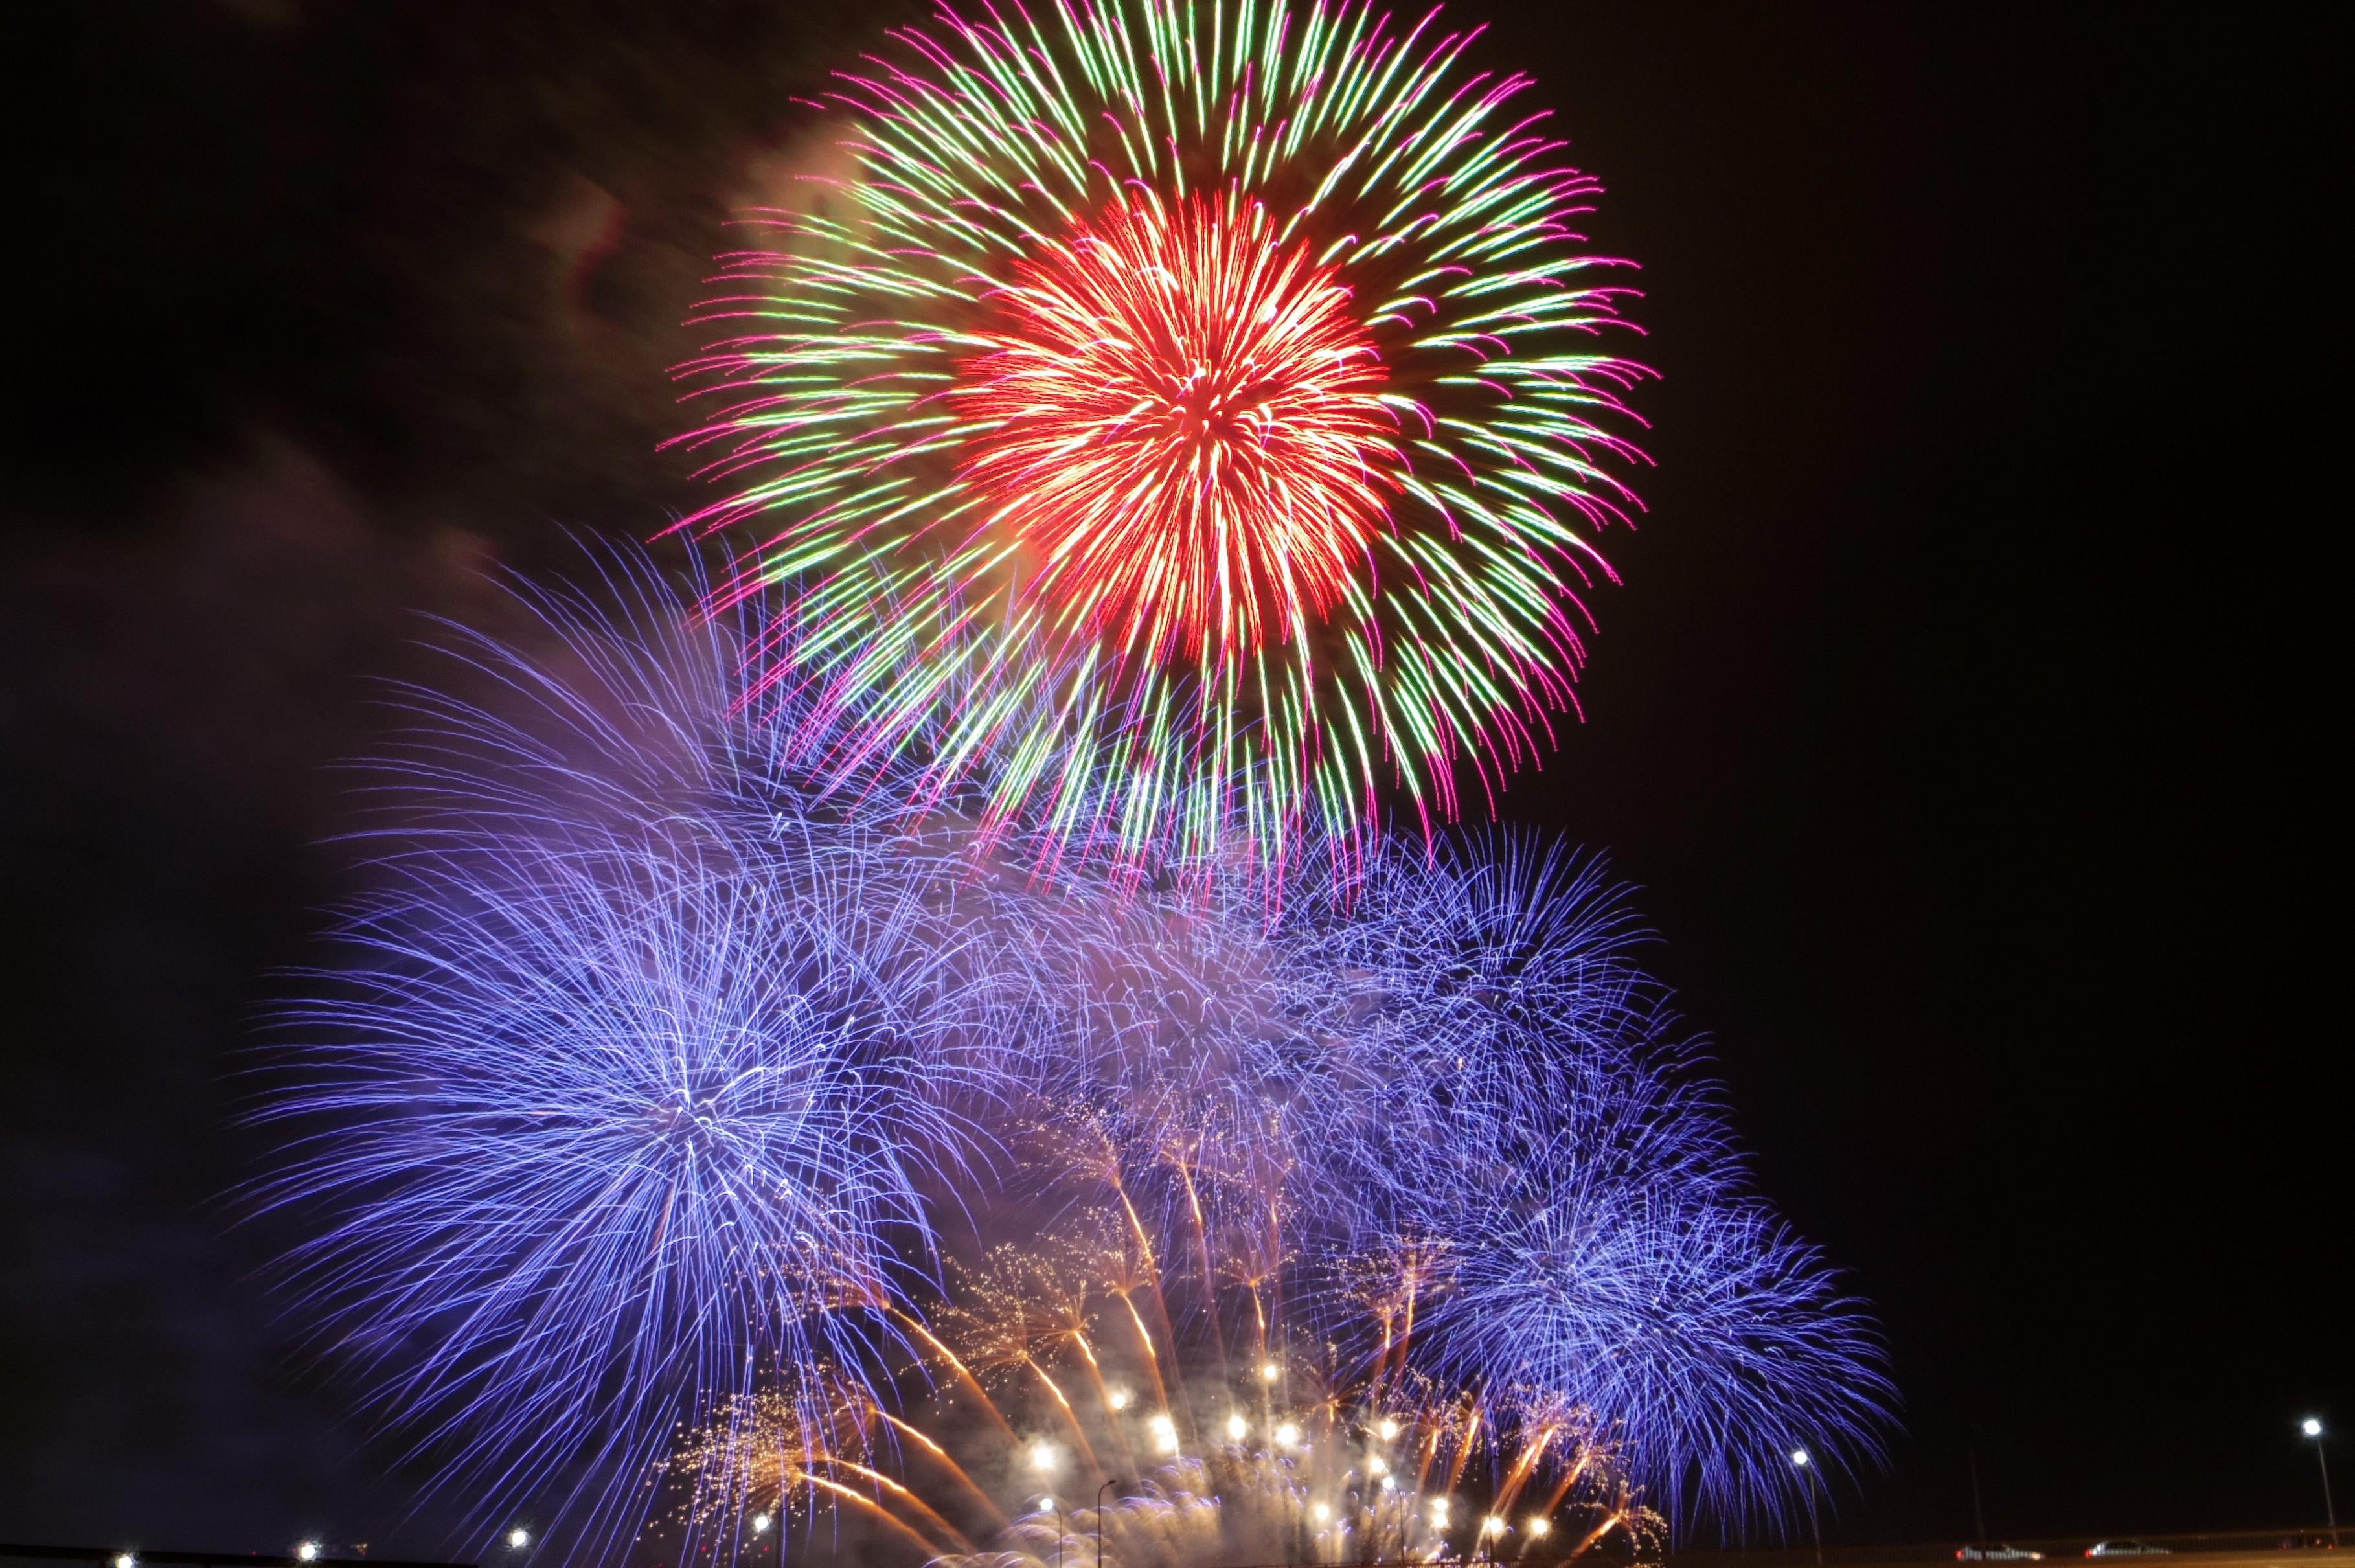 なにわ淀川花火大会・天神祭奉納花火が見えるホテルの宿泊プラン・レストラン